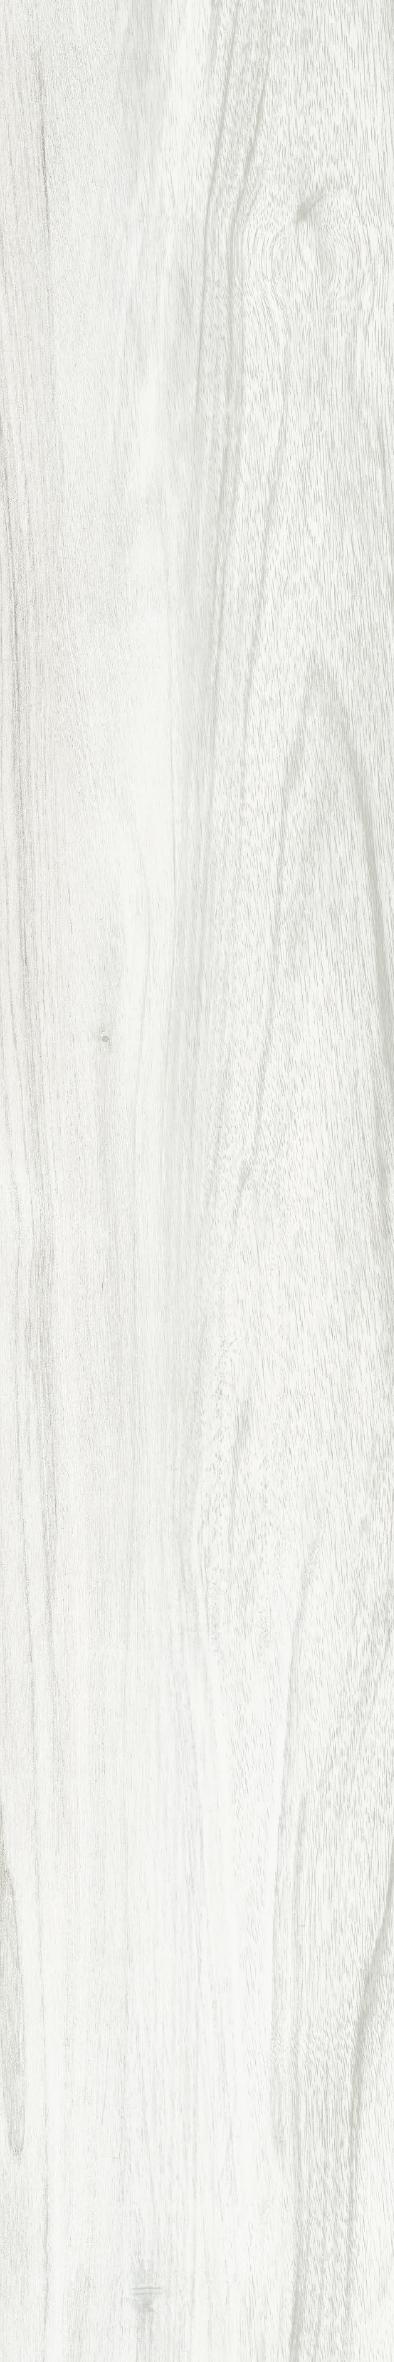 Coperta White